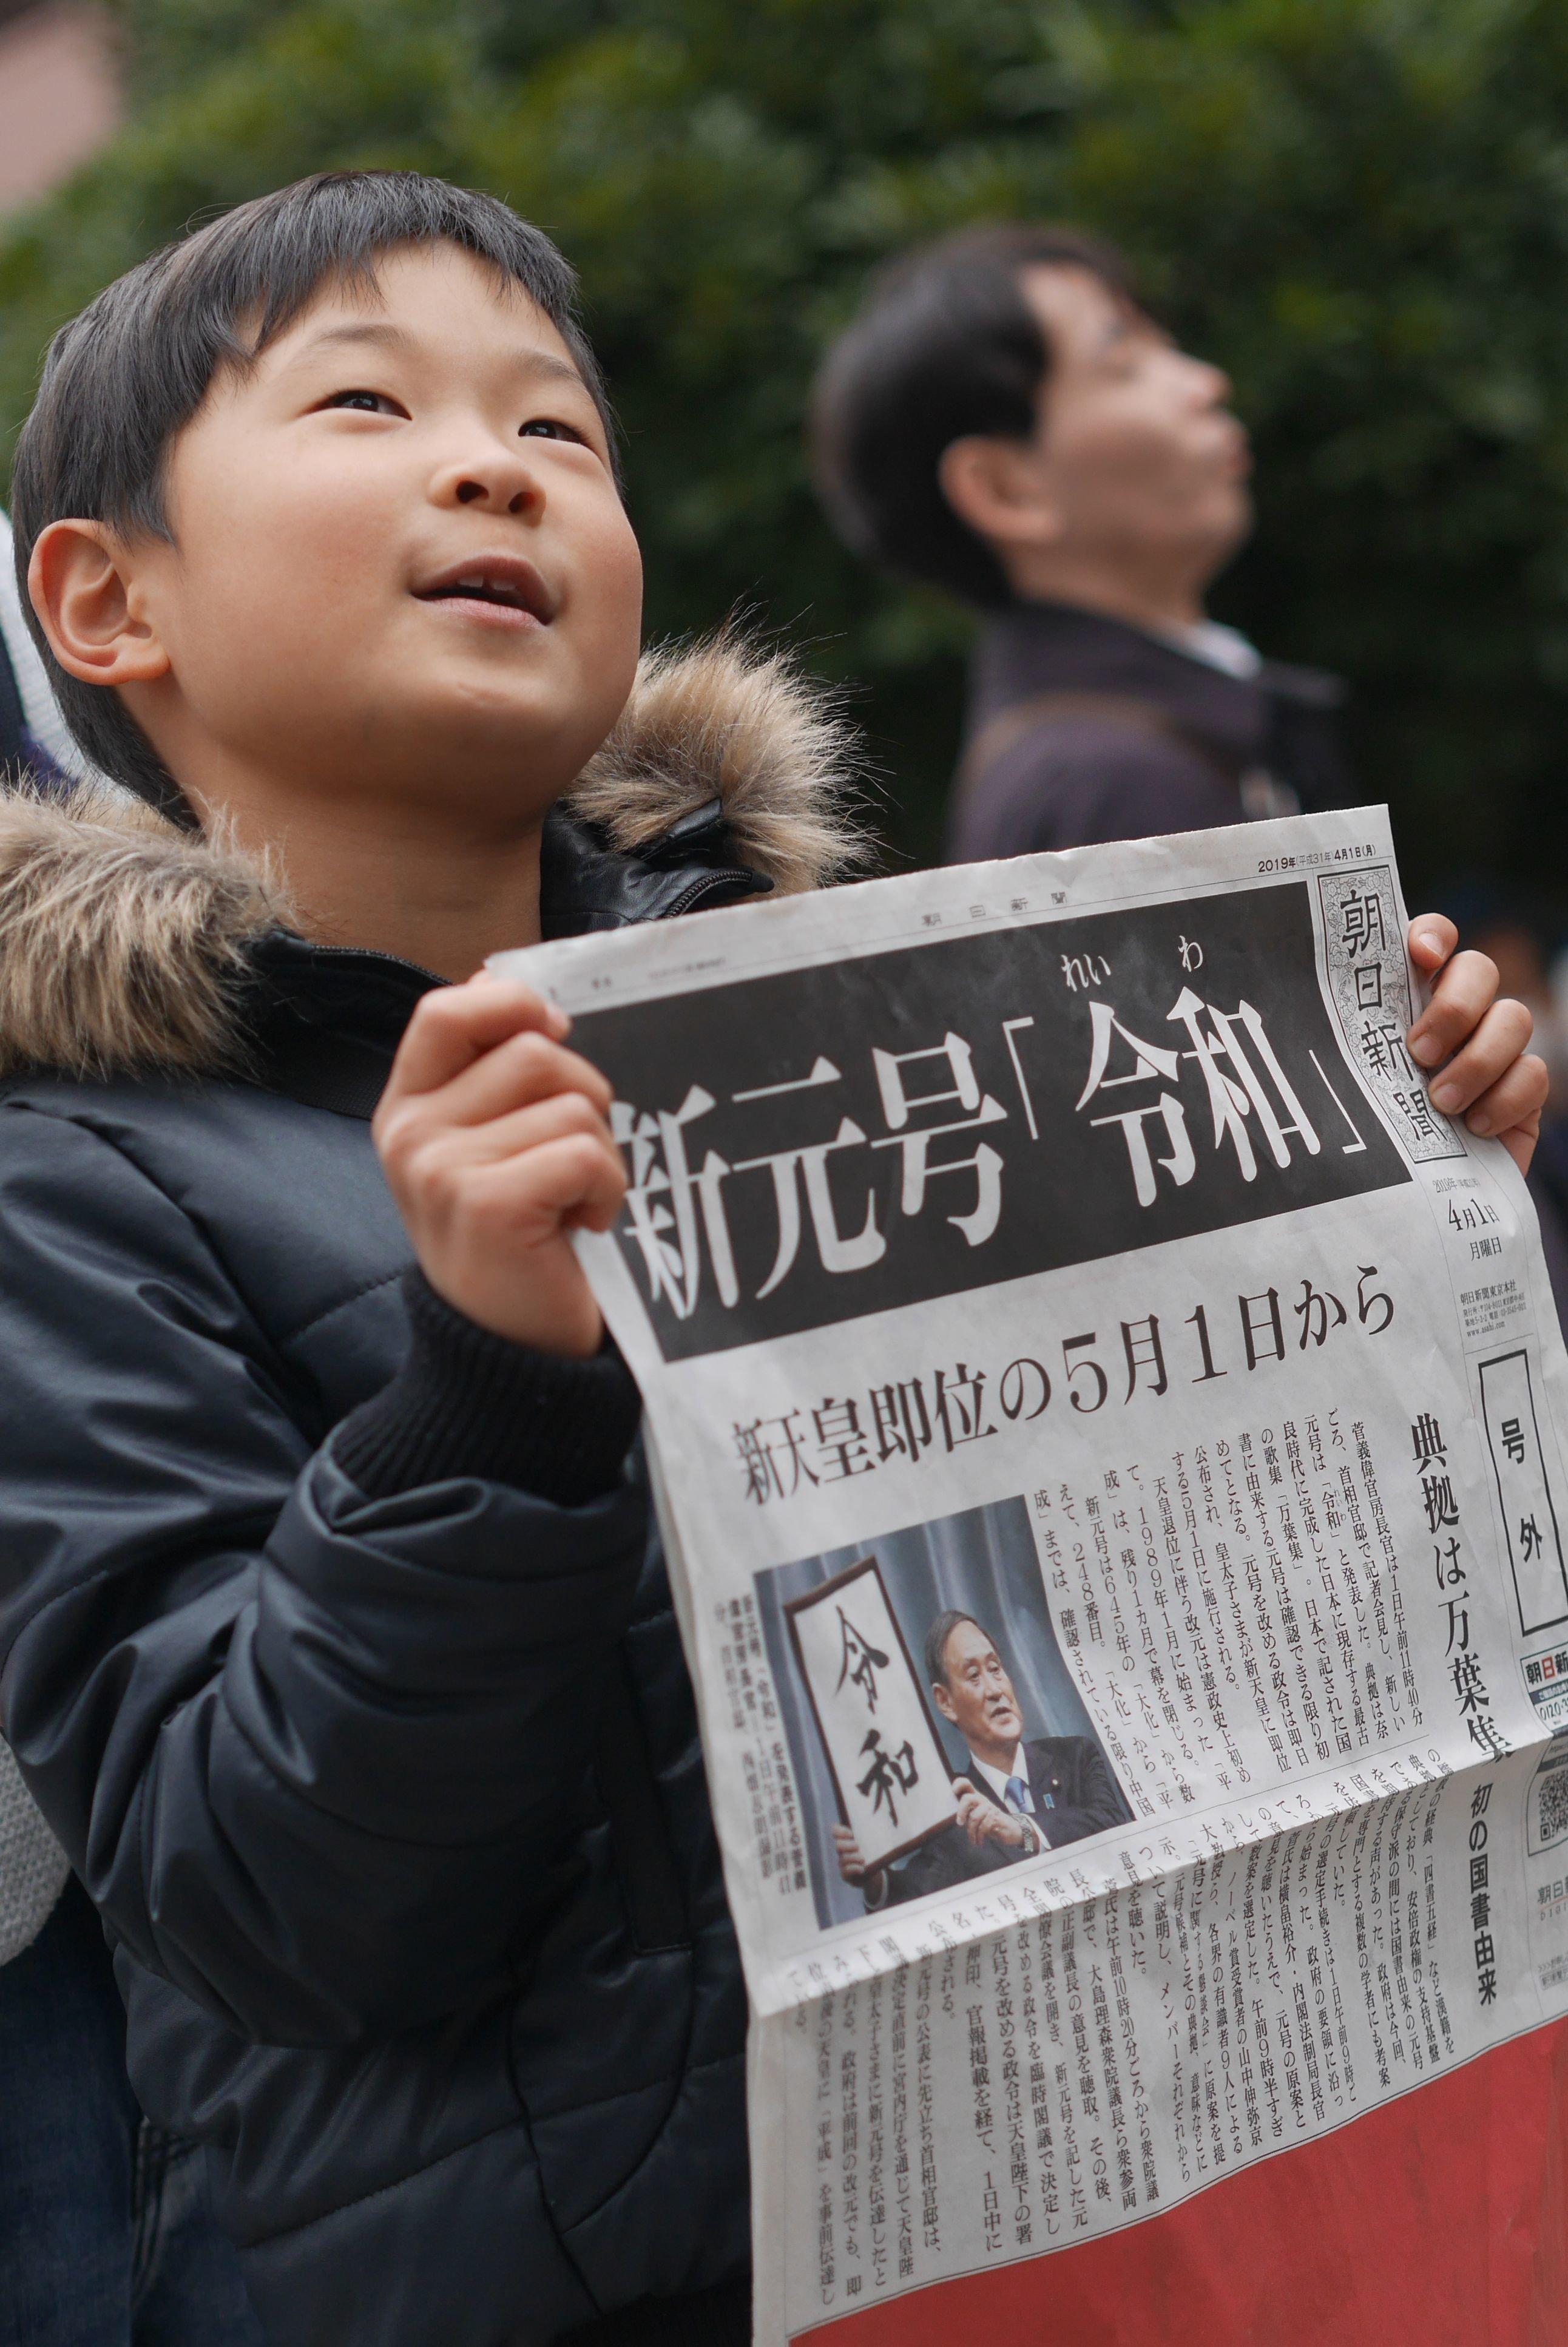 일본이 새 연호 '레이와(令和)'의 뜻을 '아름다운 조화'로